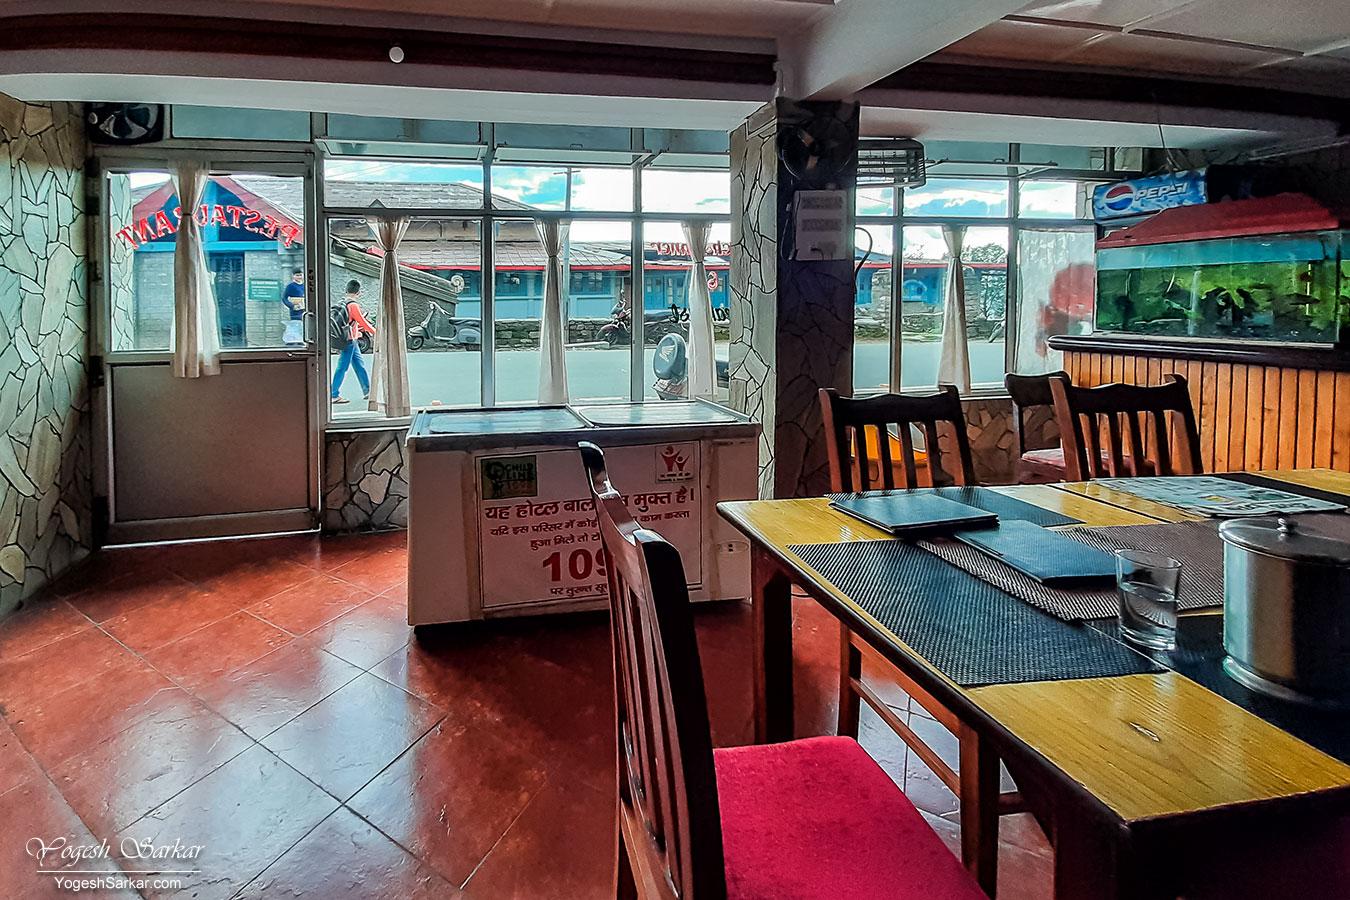 26-meghdoot-hotel-restaurant.jpg